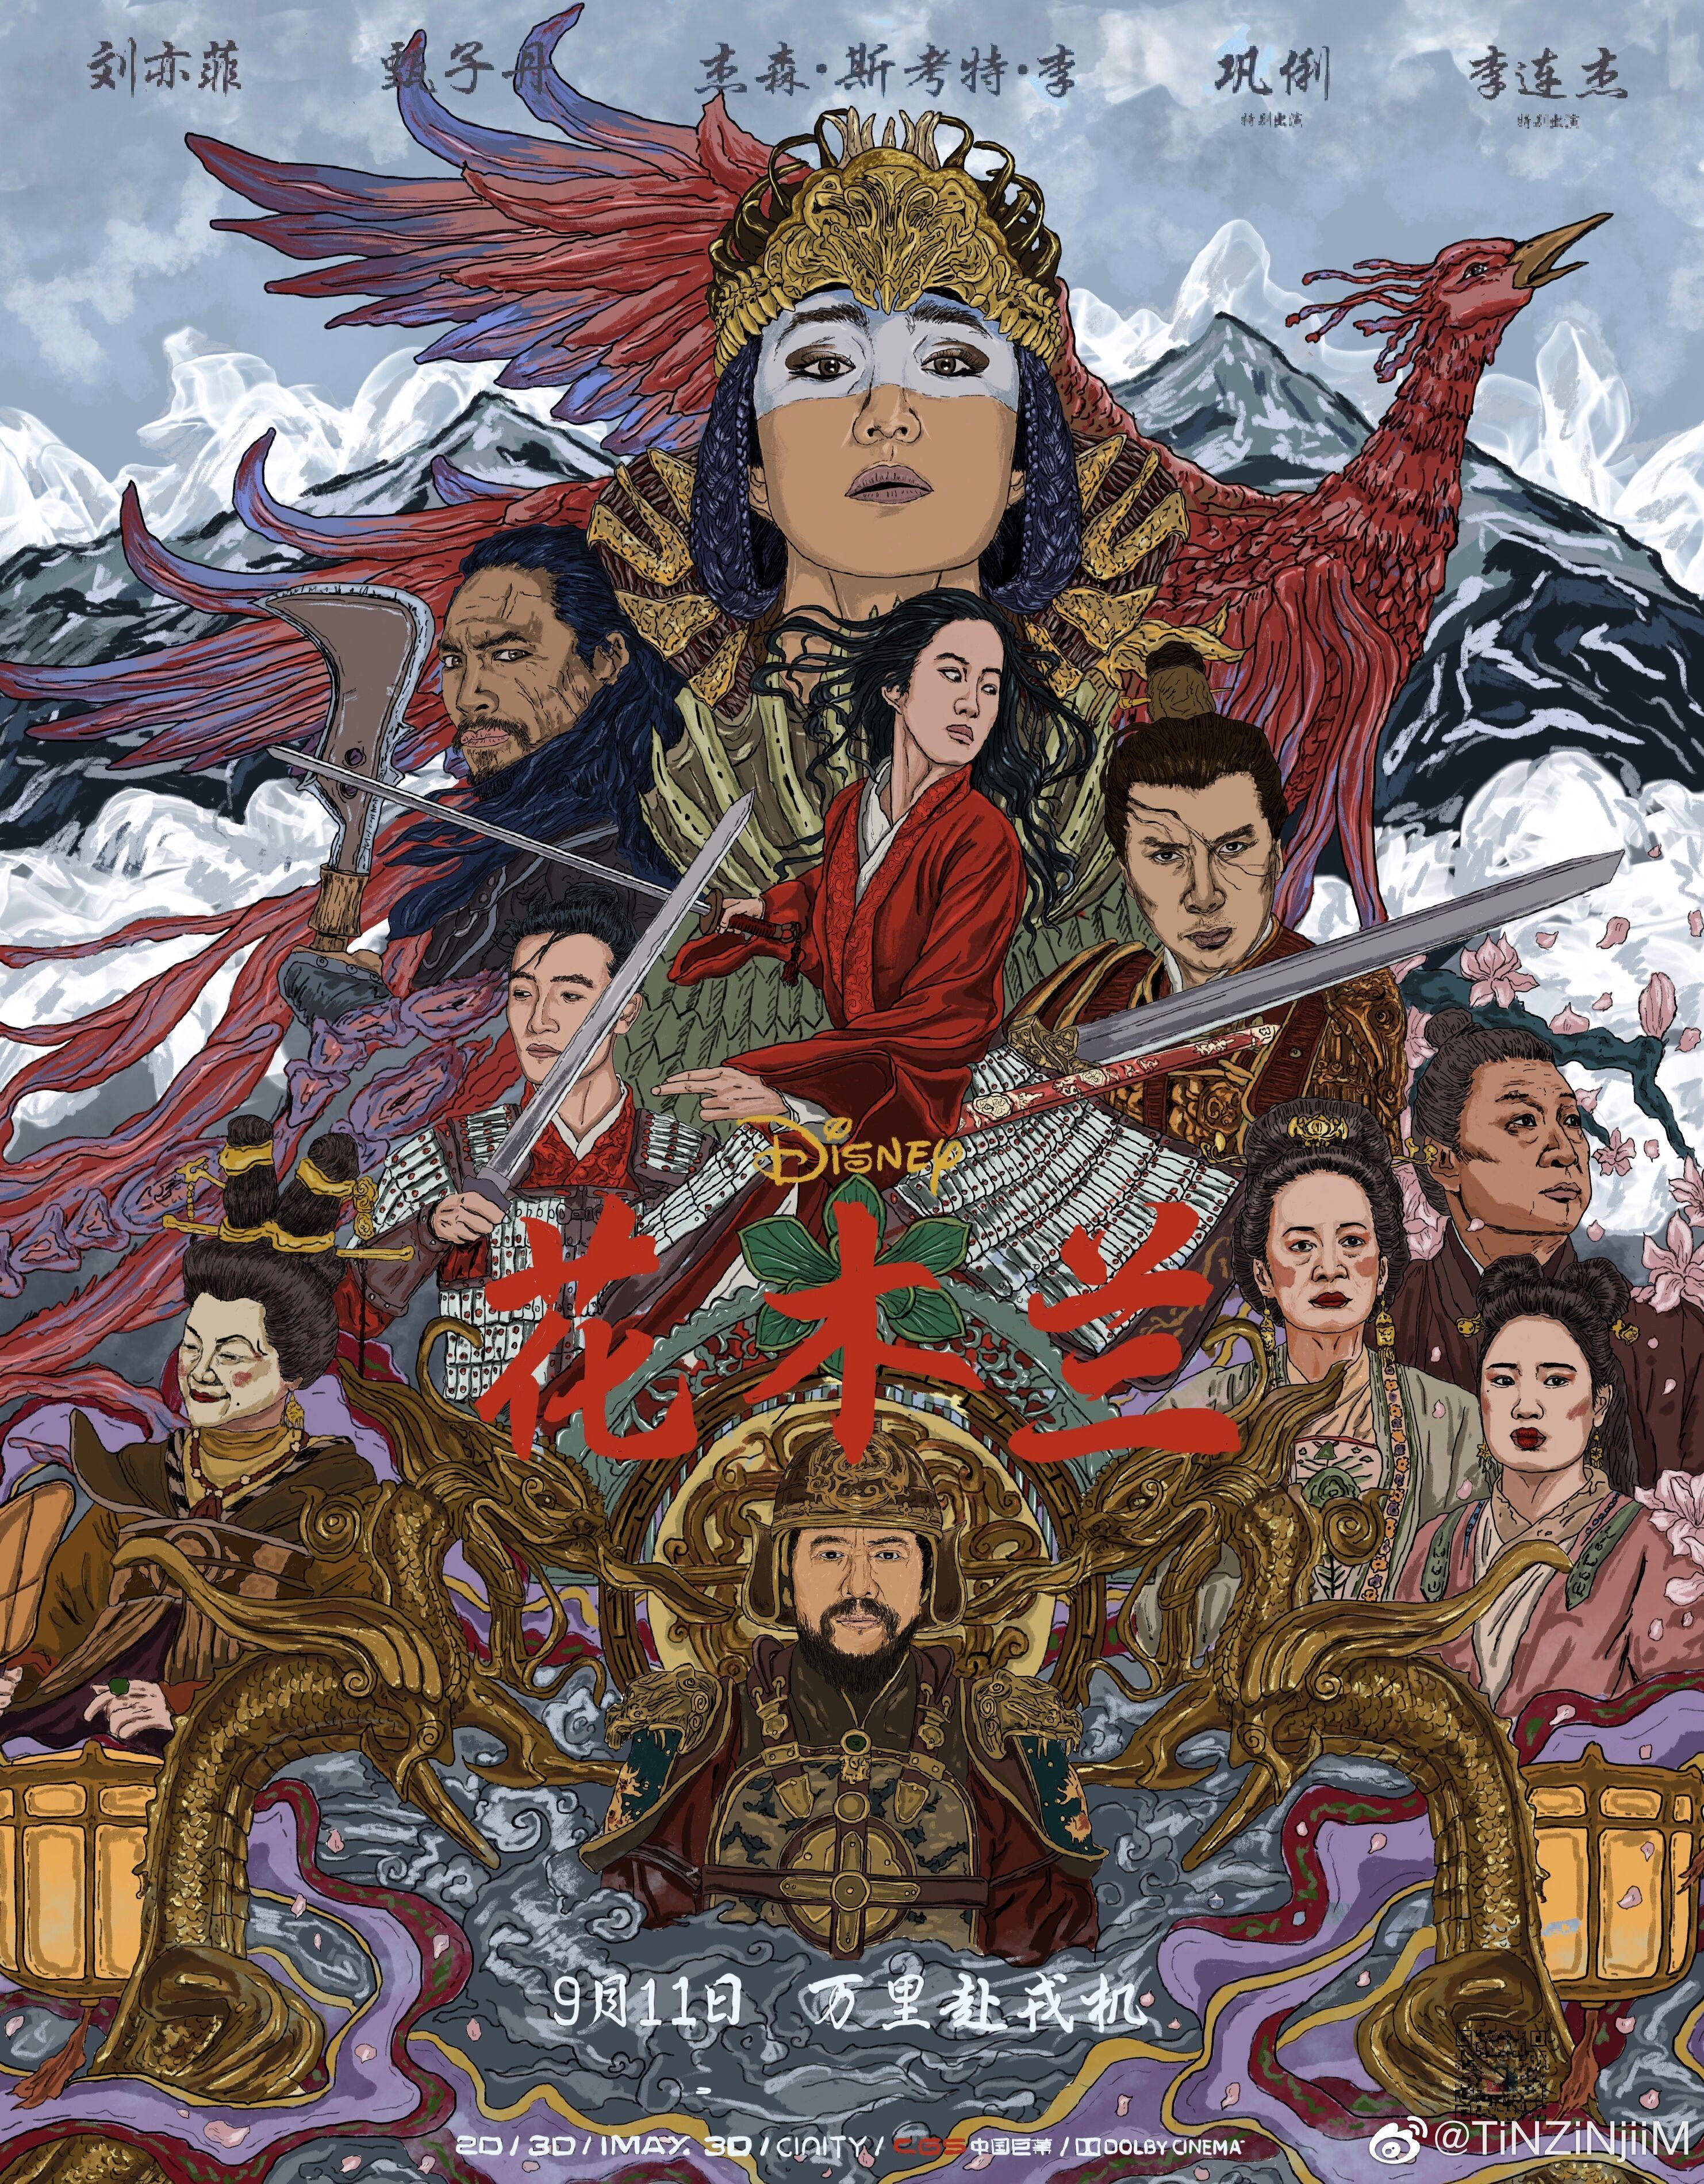 花木兰定档喜大普奔,海报DVD画风引群嘲,对标乡村爱情可还行